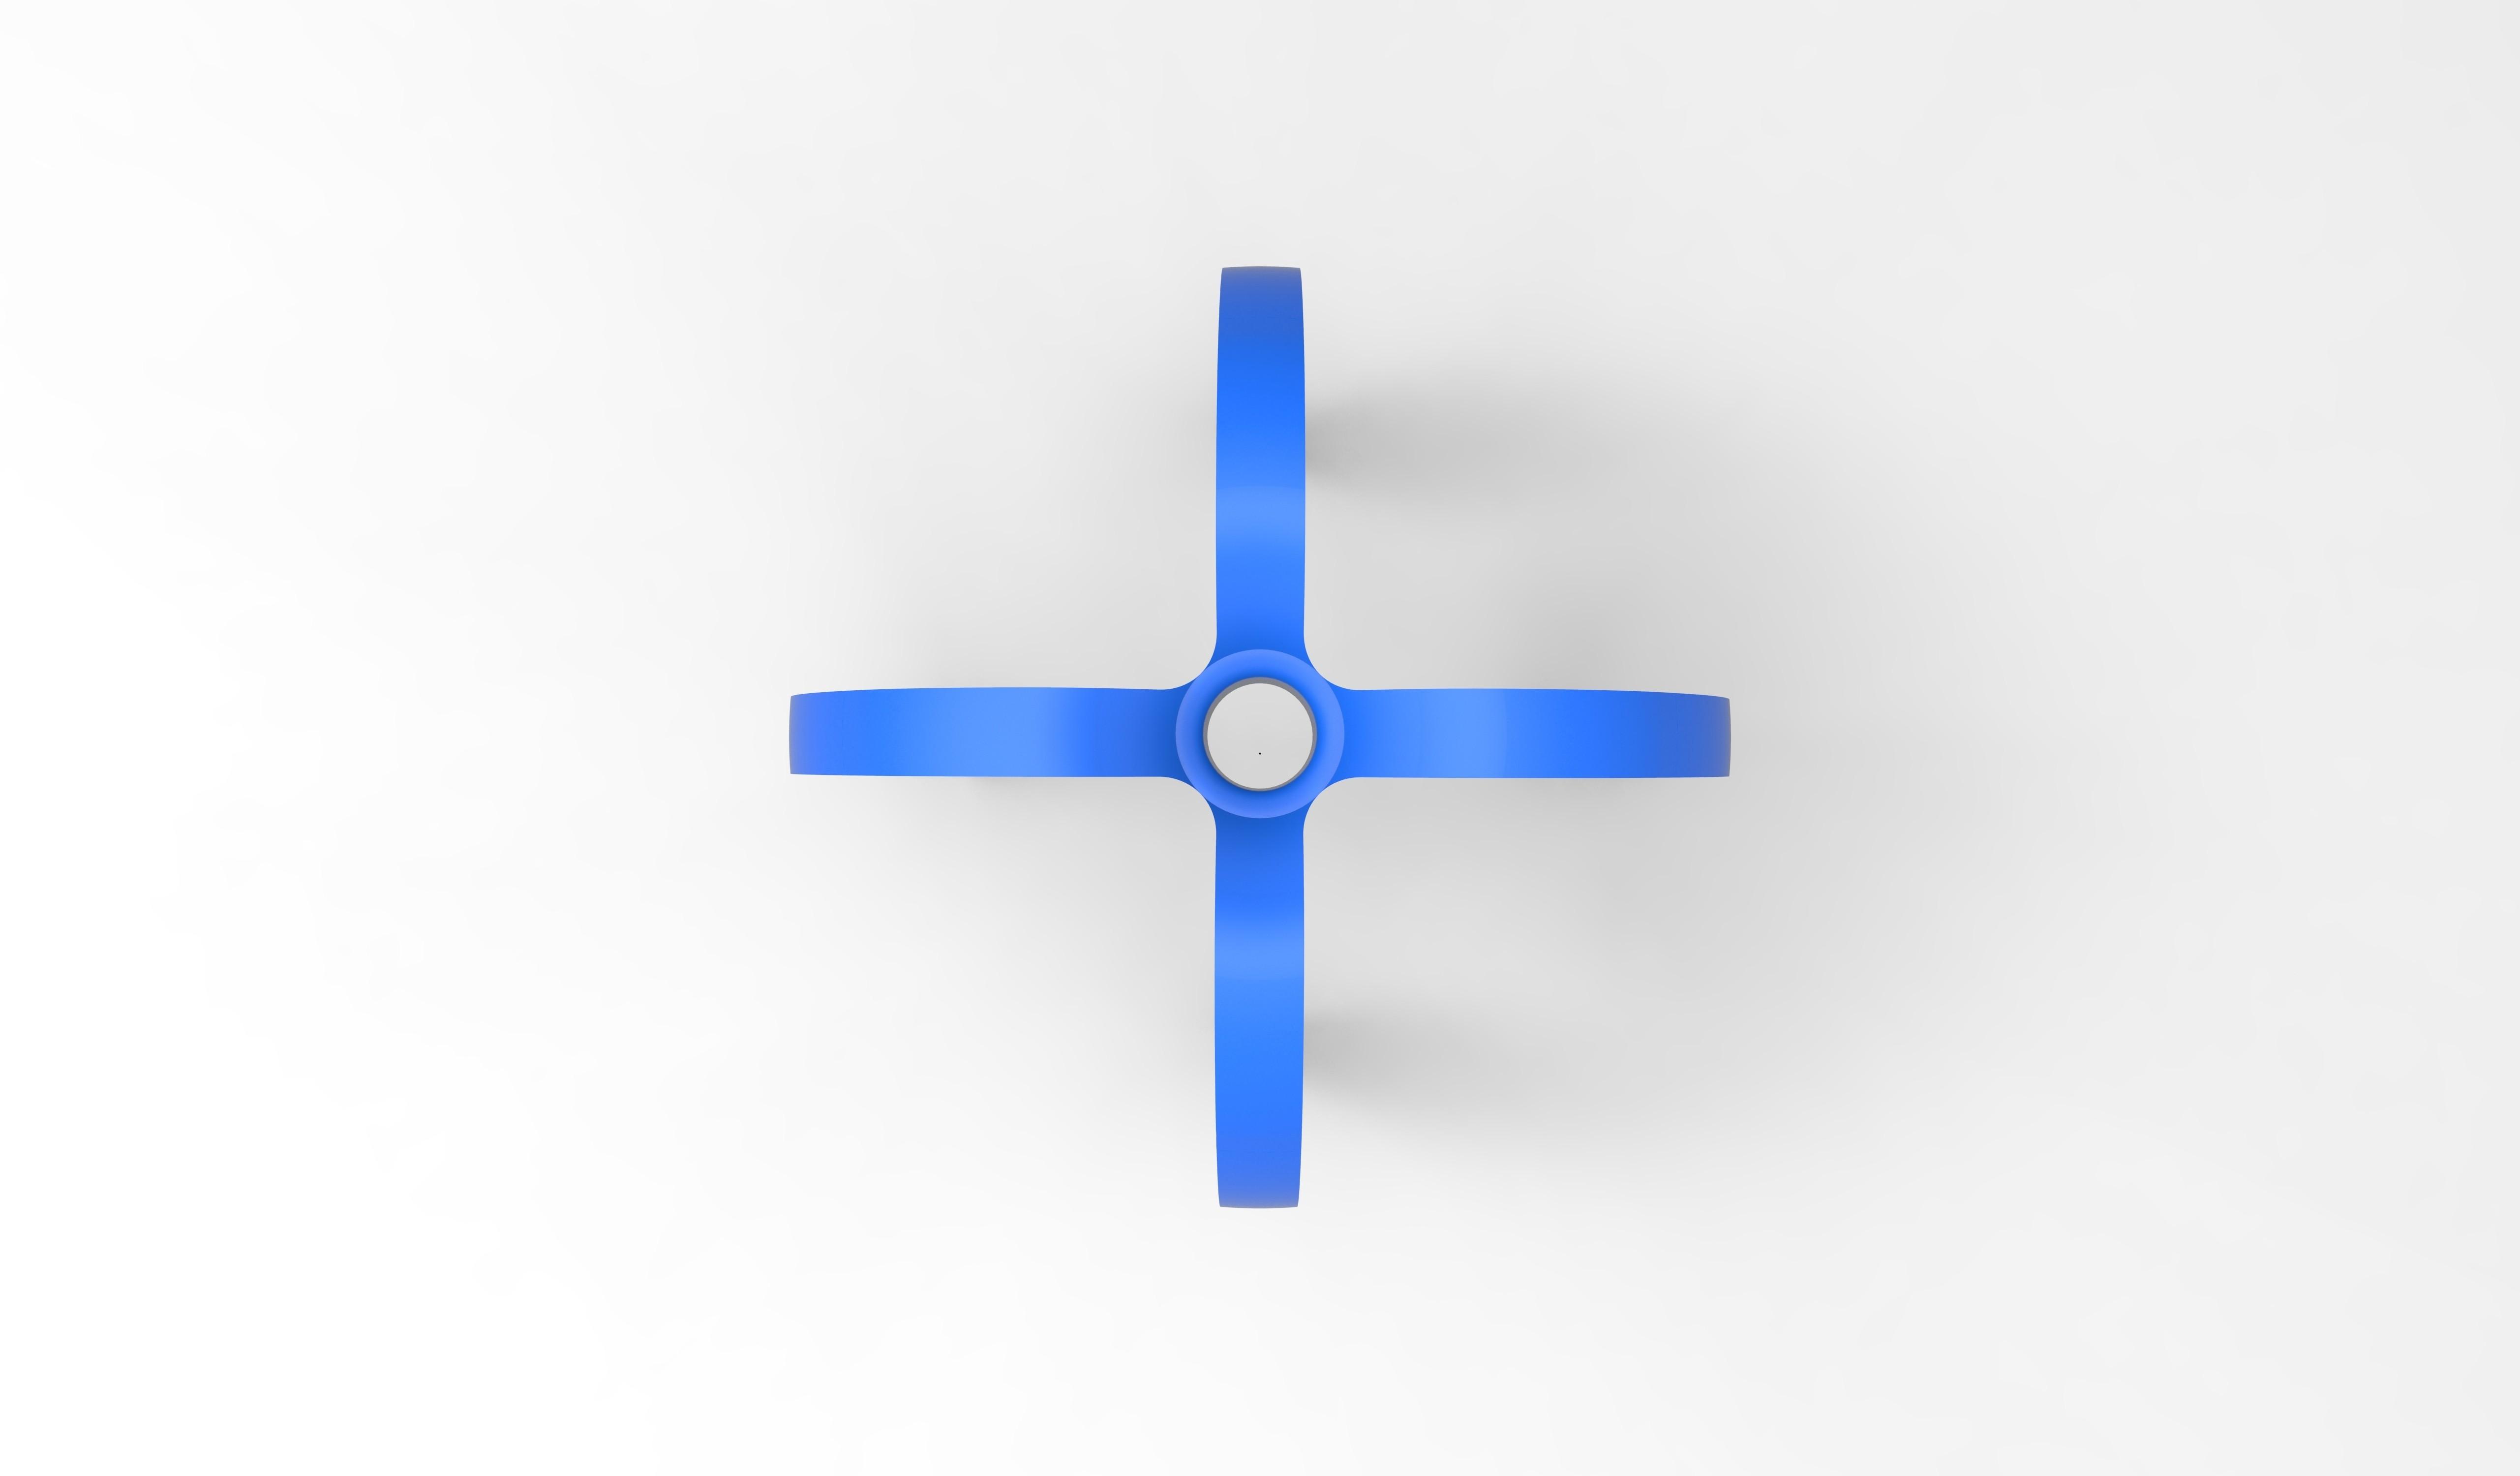 porte crayon bleu dessus .179.jpg Télécharger fichier STL gratuit porte crayon composé de 4 logos STRATOMAKER • Modèle pour imprimante 3D, GuilhemPerroud